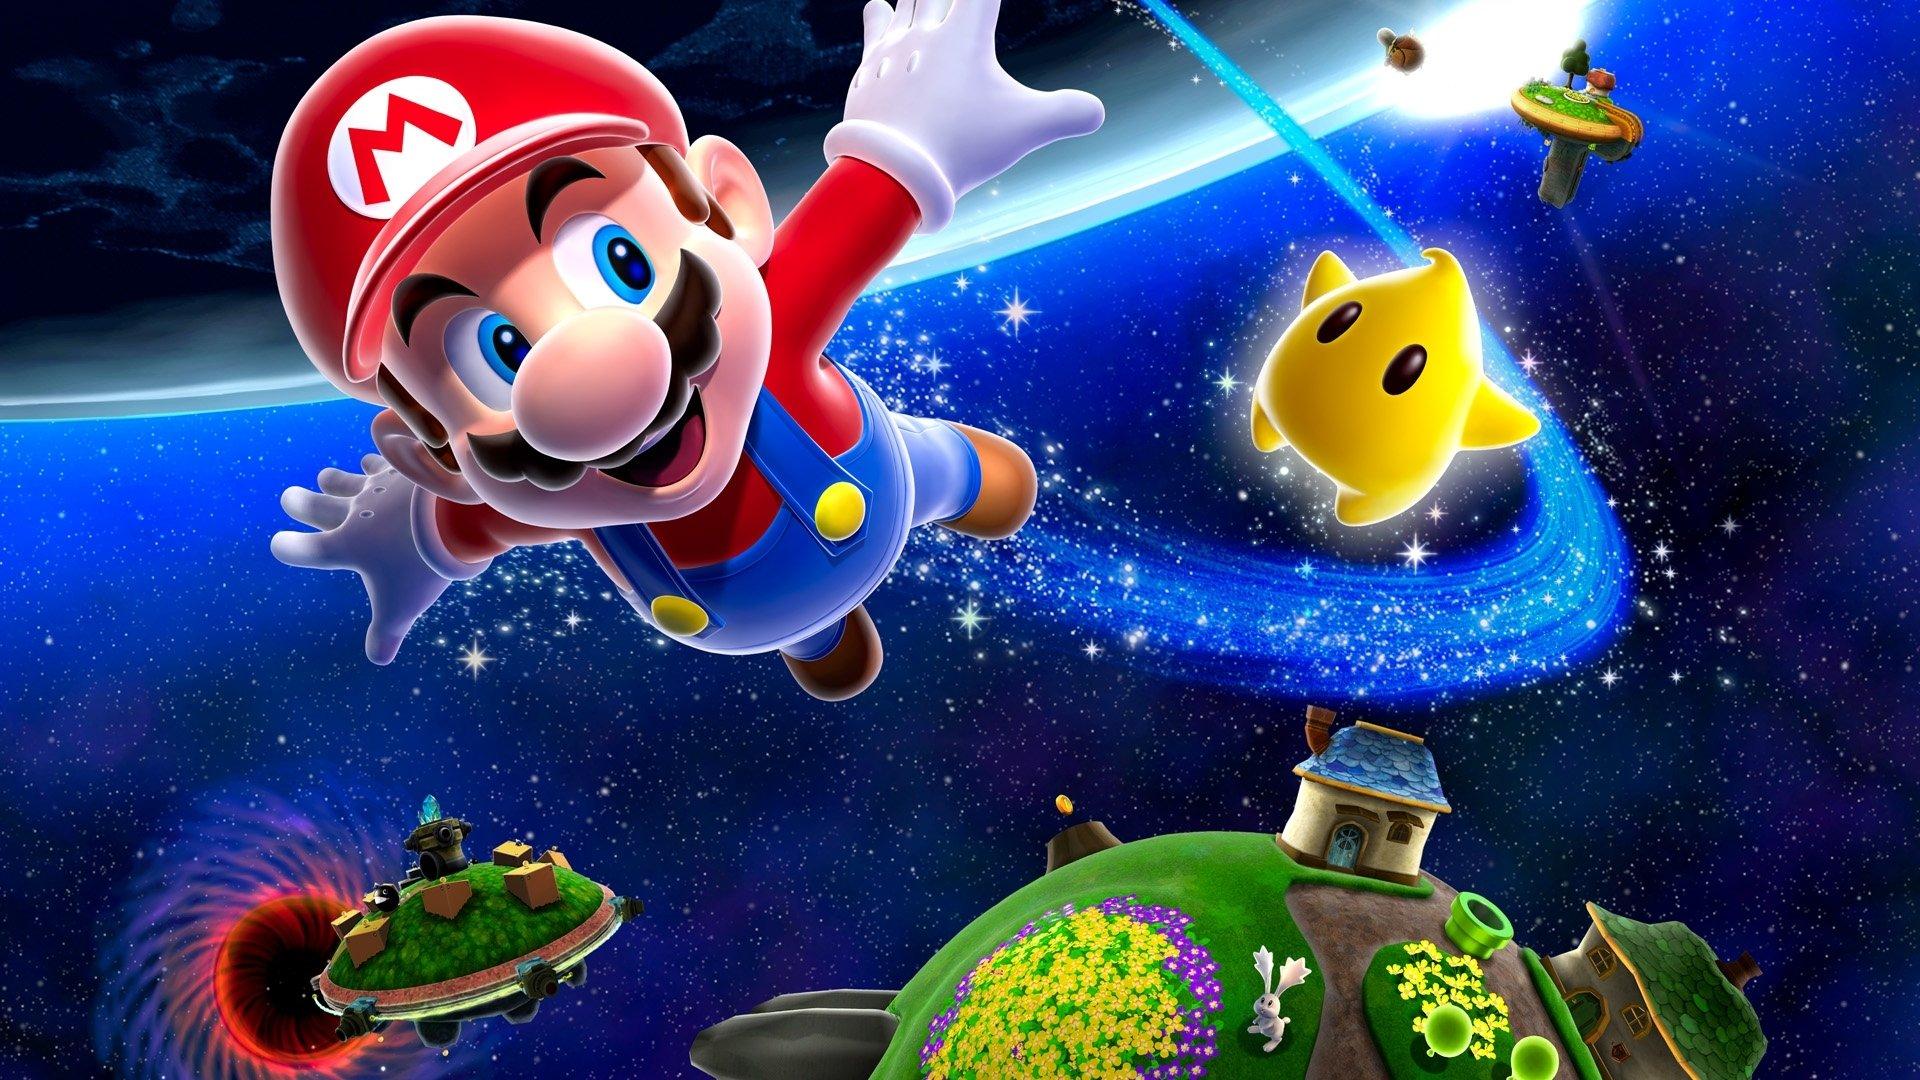 Nintendo préparerait des remasters et de nouveaux jeux pour les 35 ans de Mario